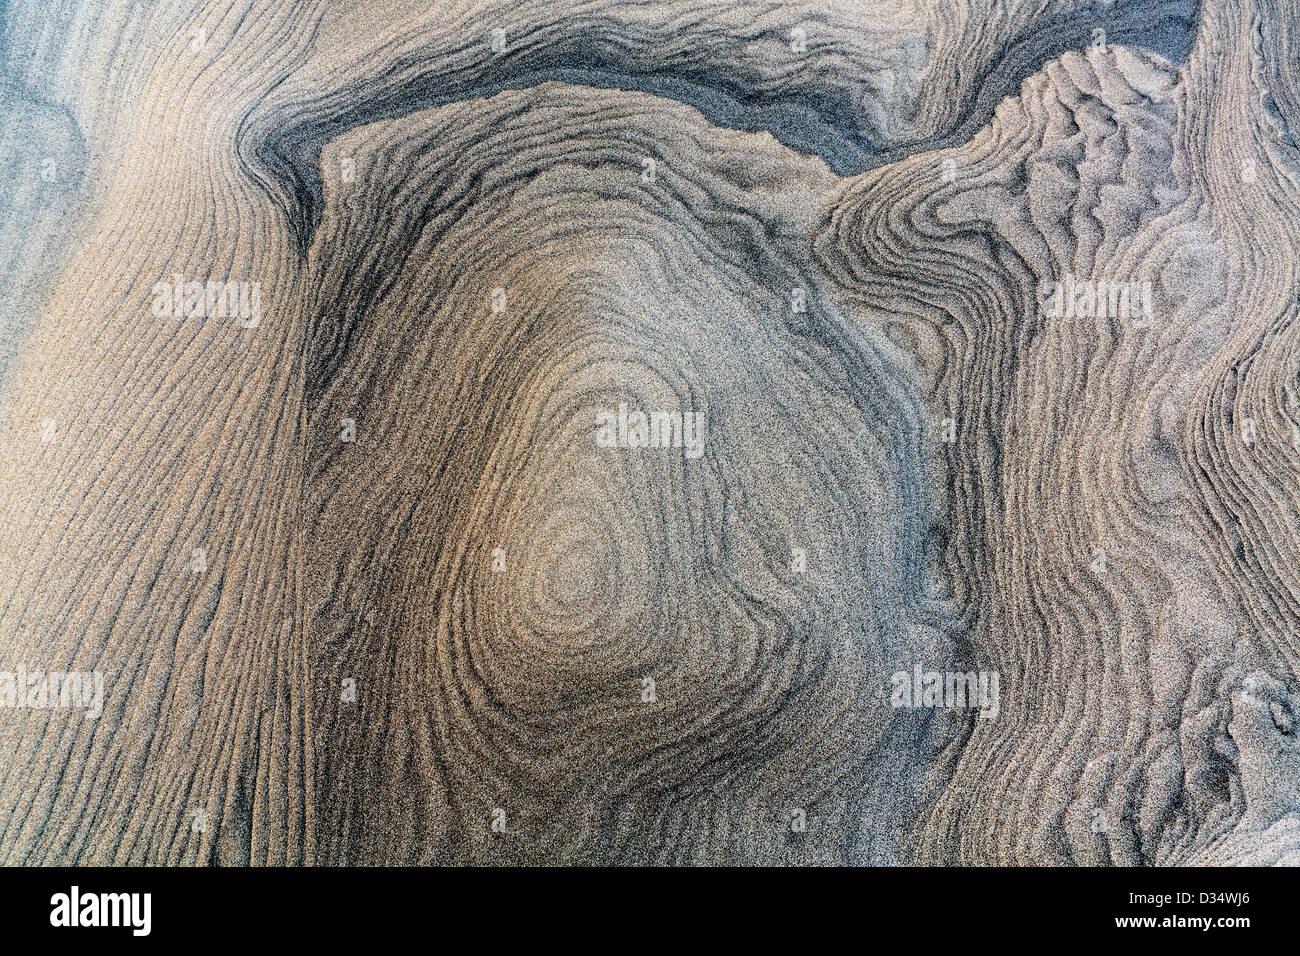 Viento patrones de dunas de arena esculpida en Mangawhai jefes Imagen De Stock